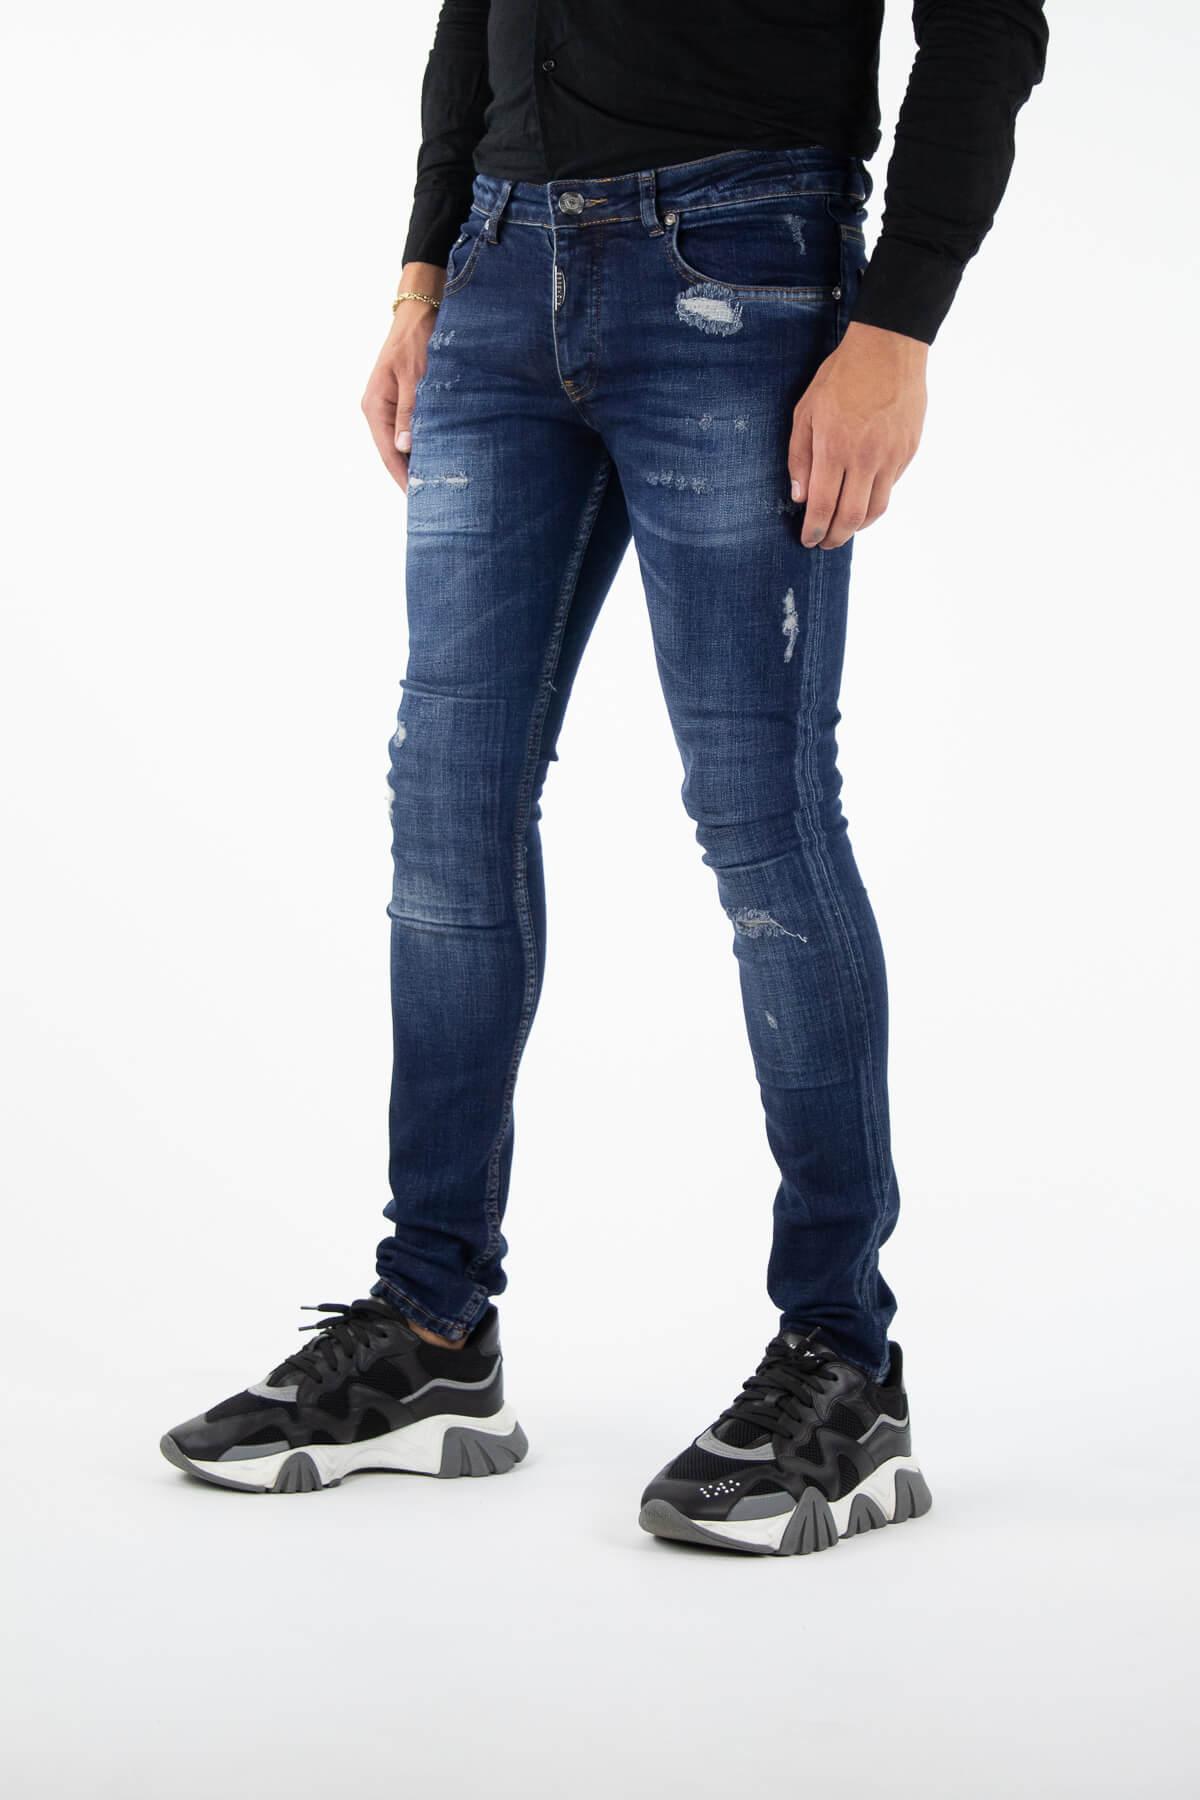 Siena Blue Jeans-3